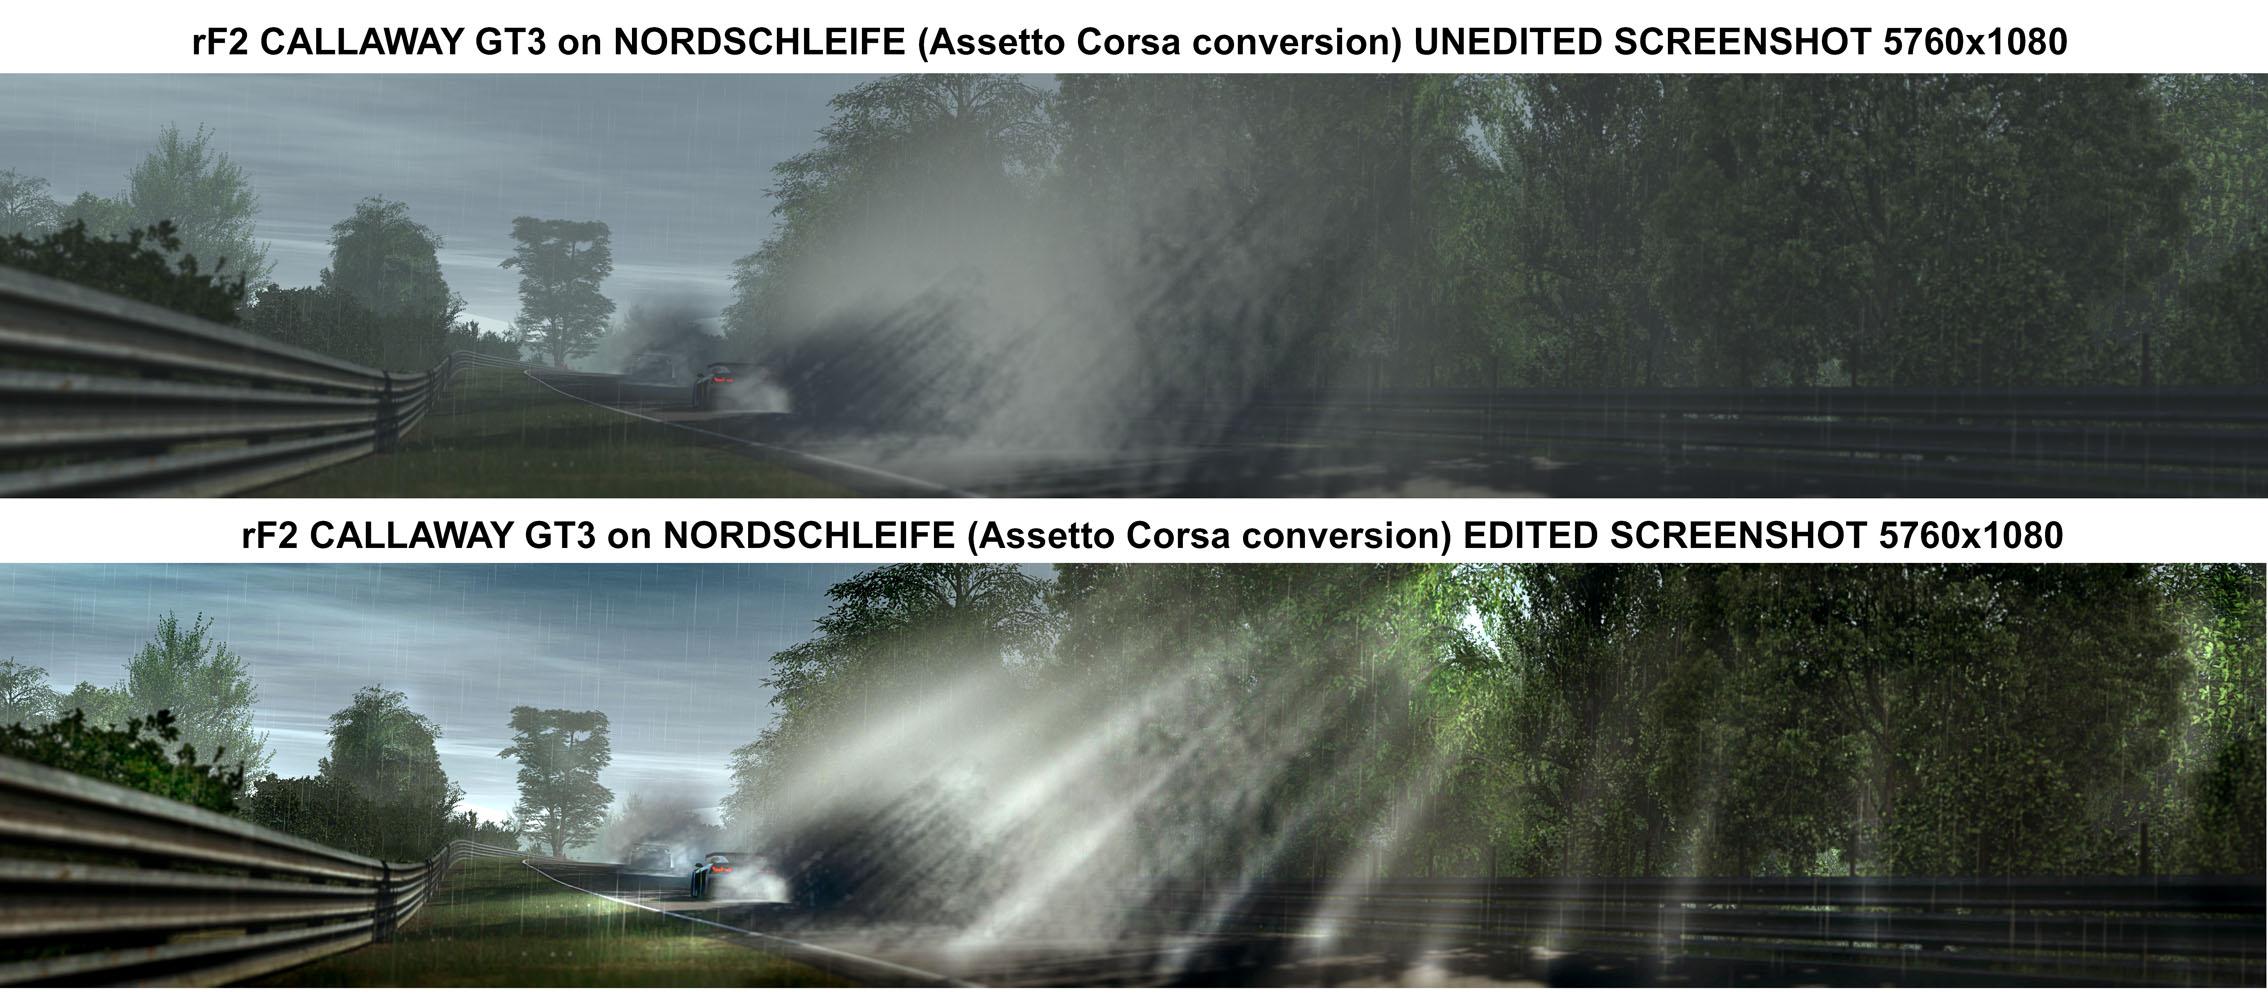 7 rF2 NORDS assetto conversion MIST final.jpg